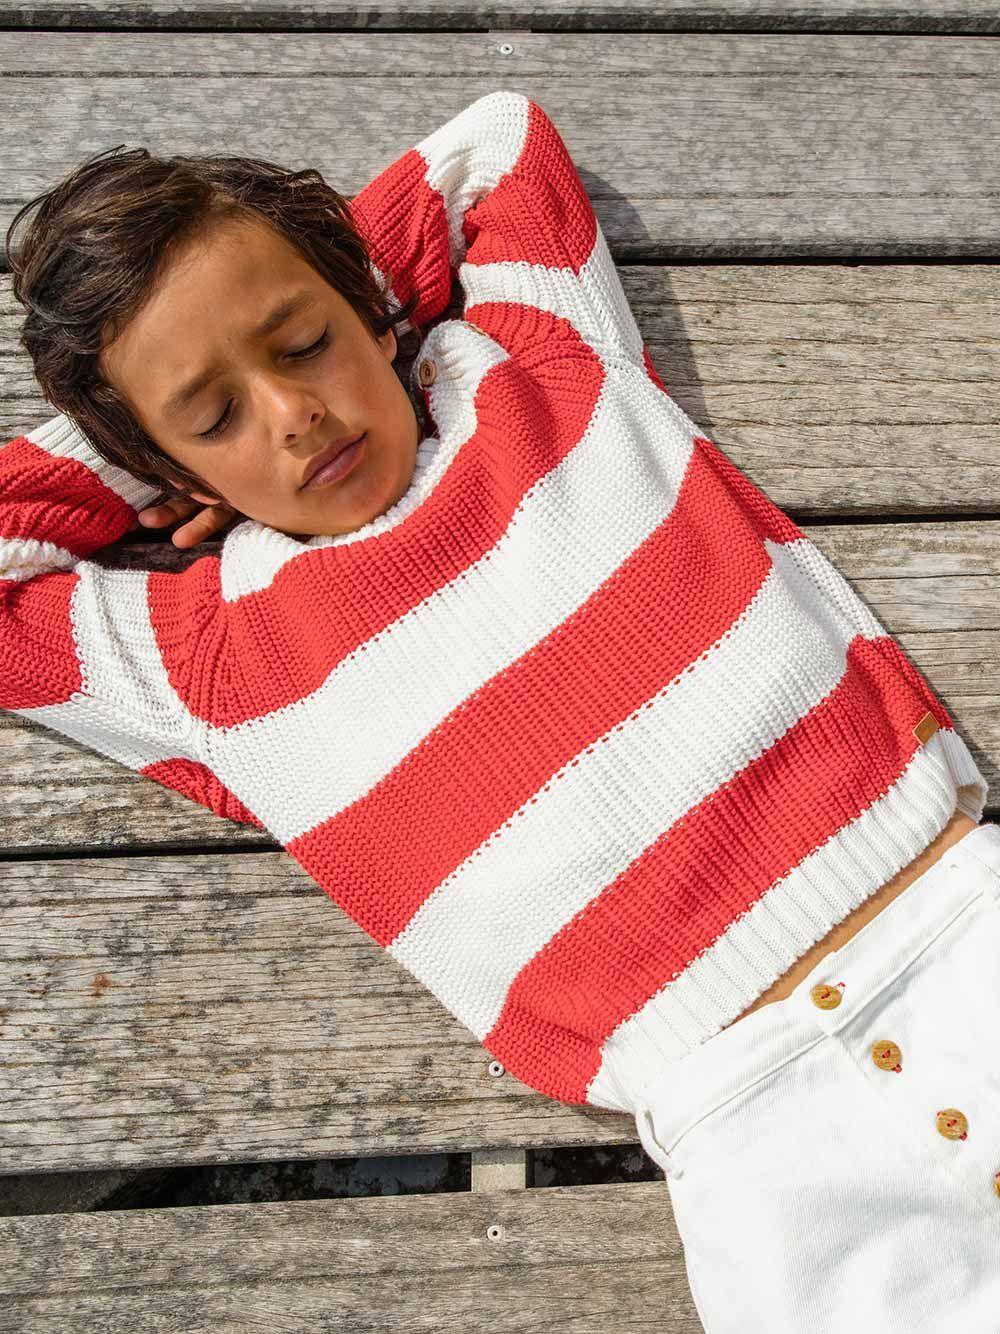 Sweater de Malha Vermelha e Branca   Piupiuchick